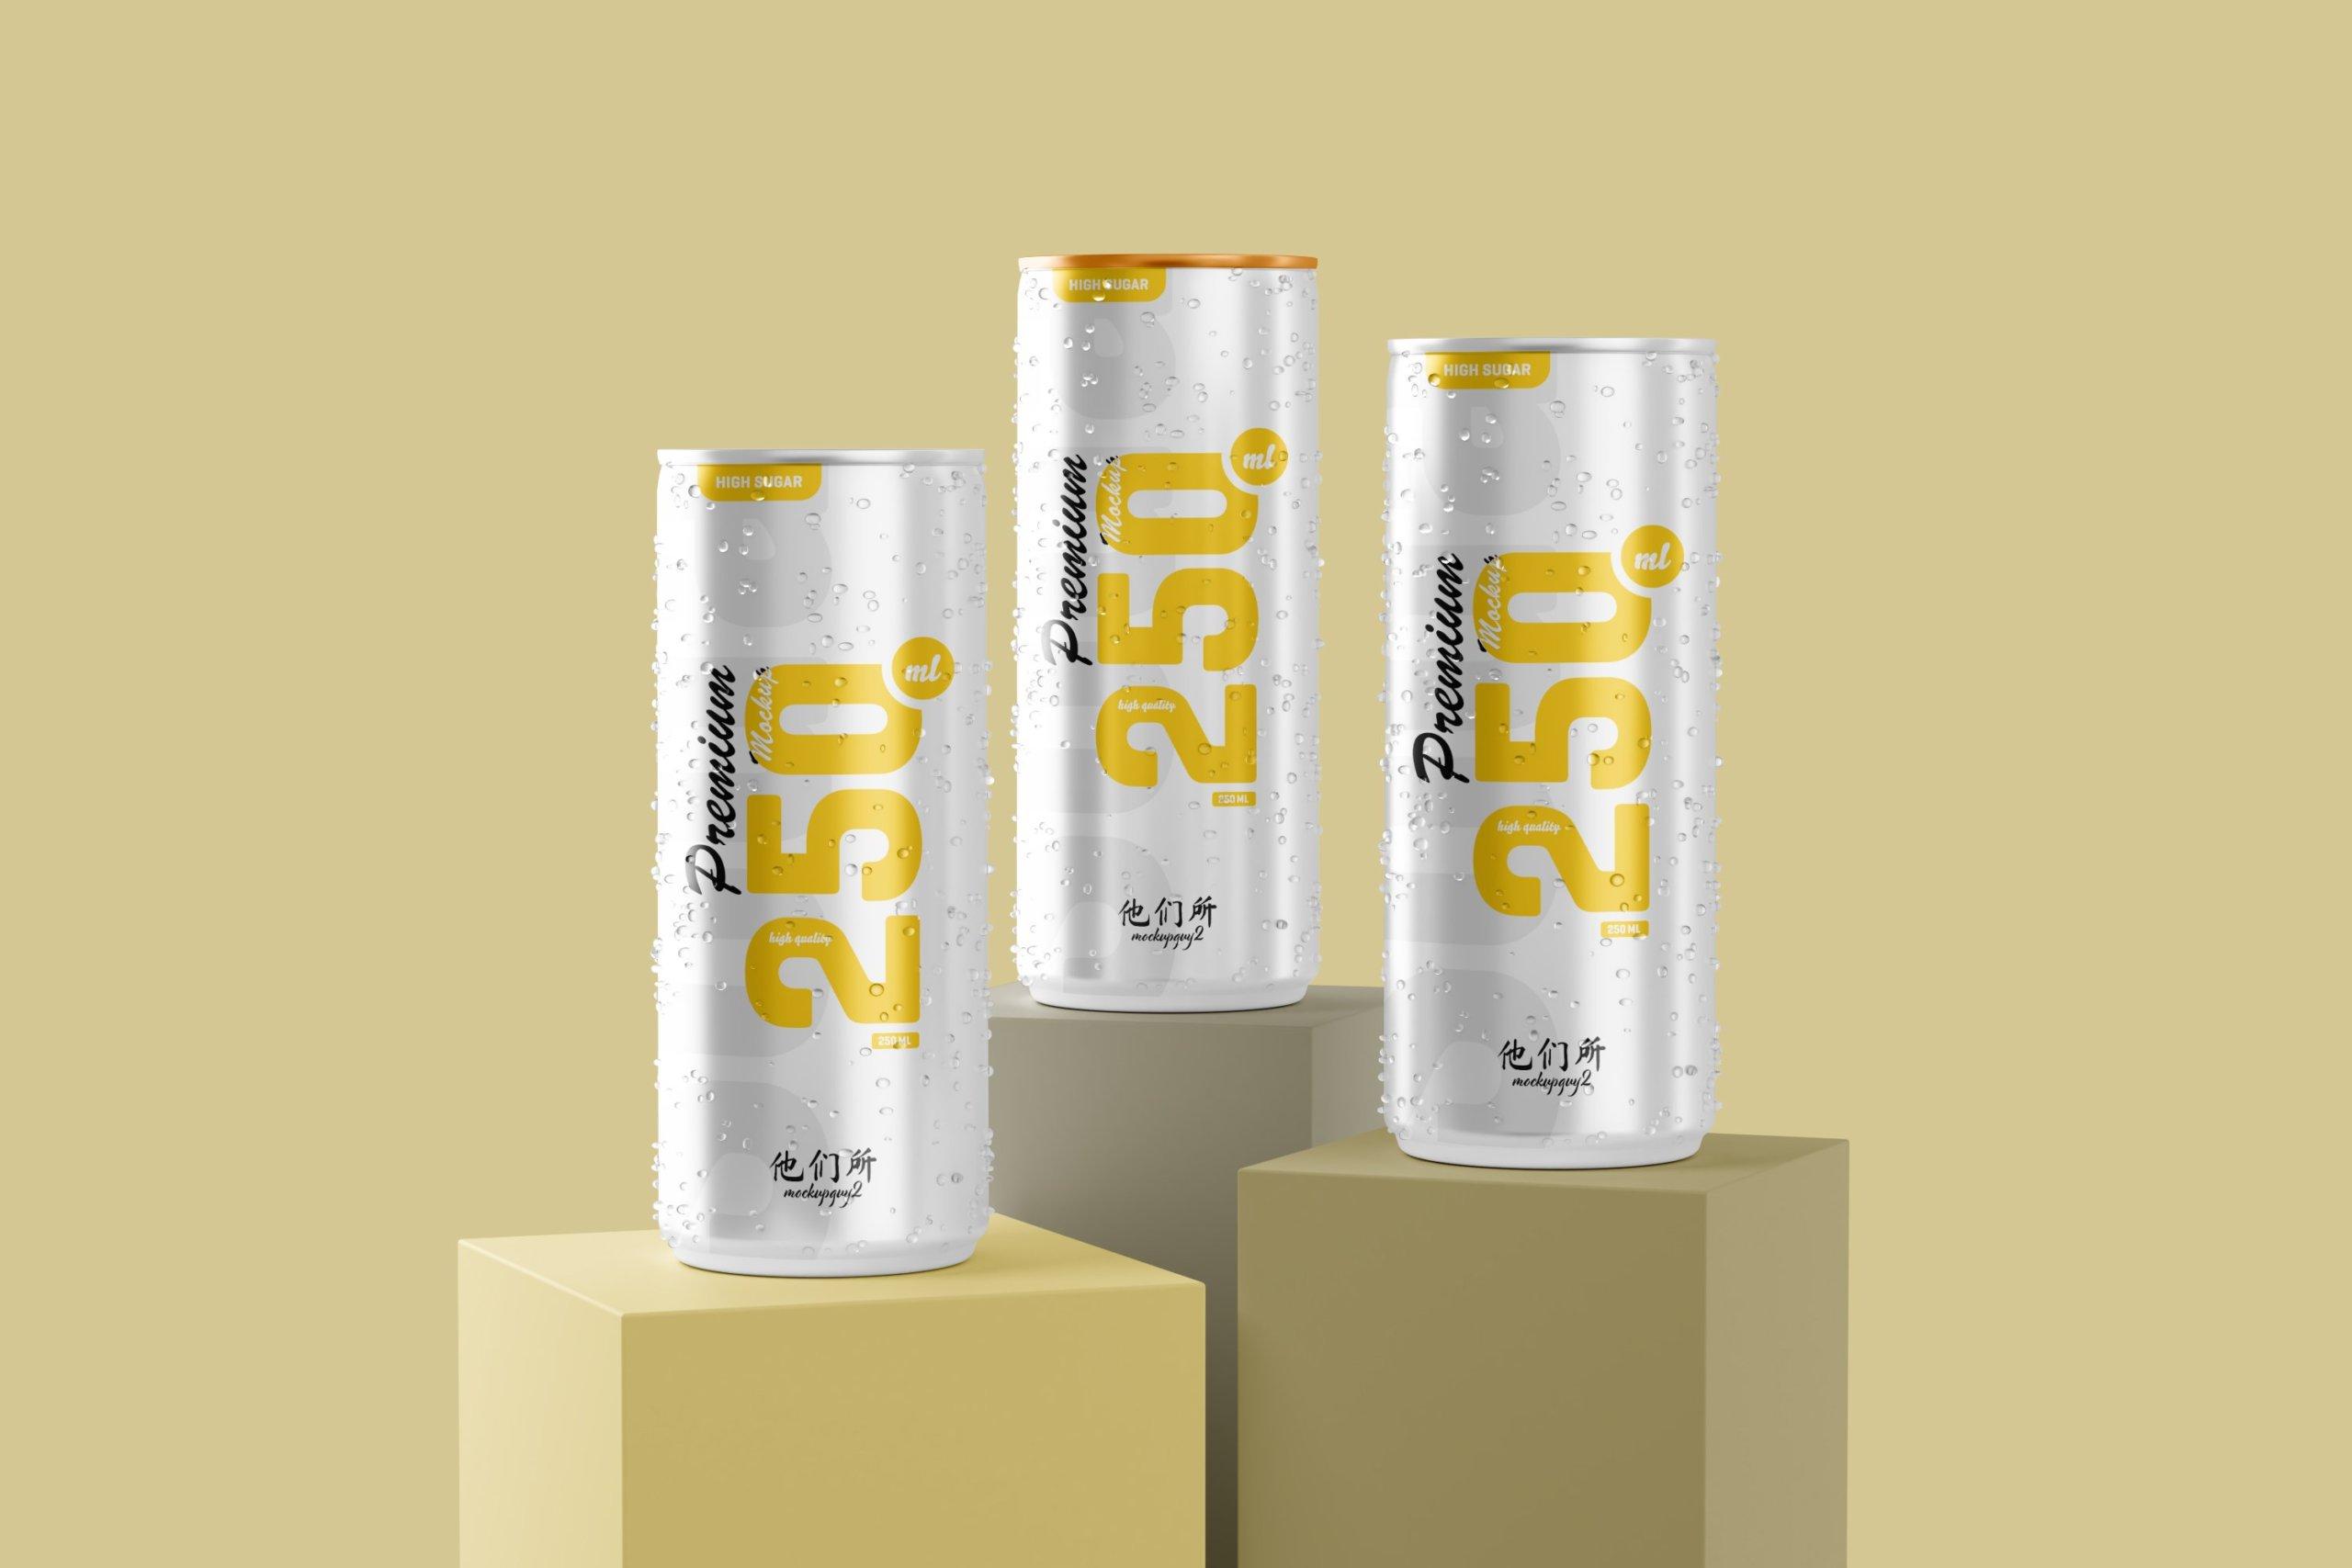 10款250ml啤酒饮料苏打水锡罐易拉罐设计展示样机 250ml Soda Can Mockup插图9